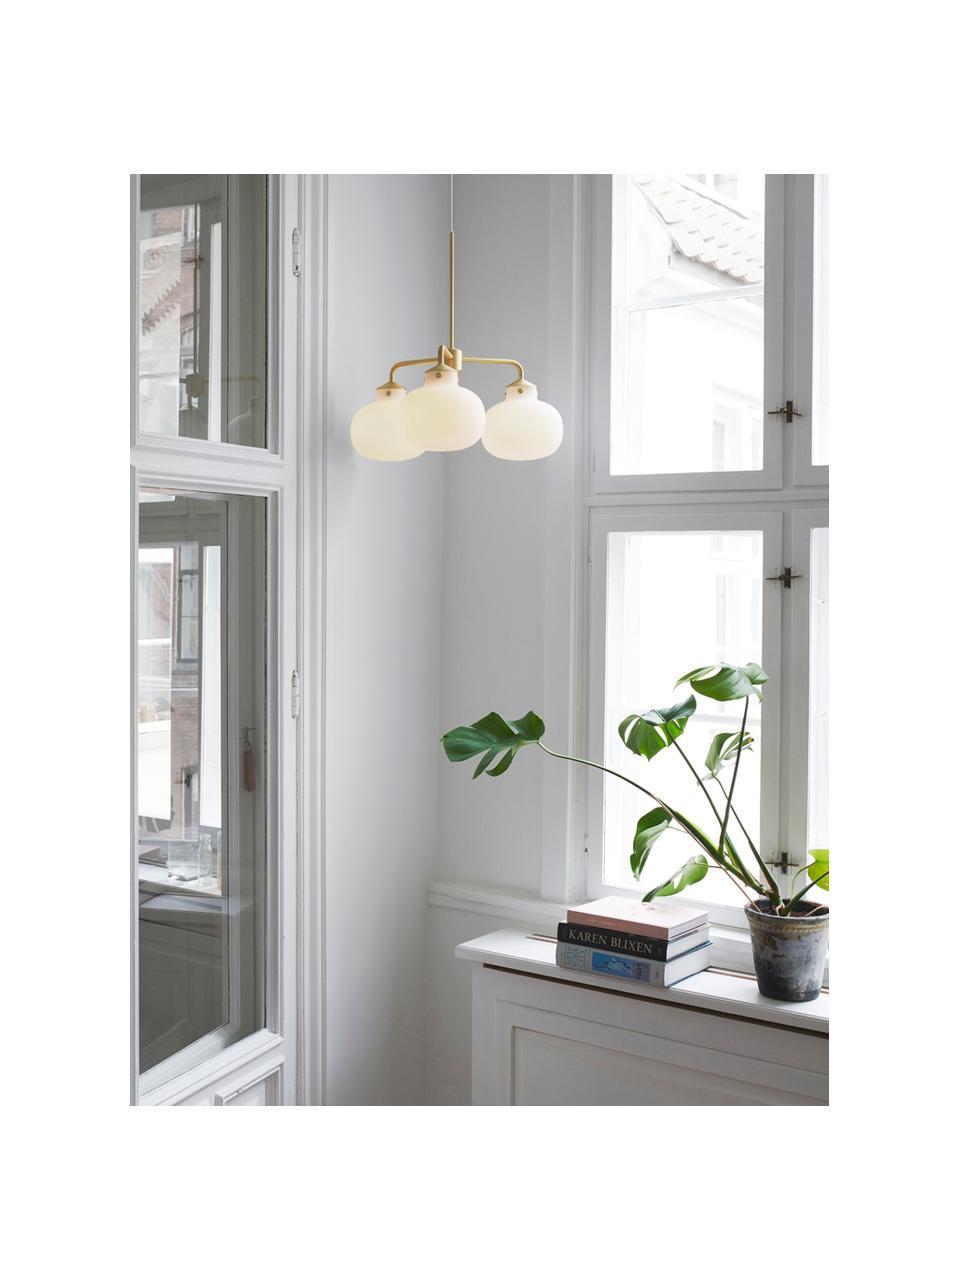 Pendelleuchte Raito aus Glas, Lampenschirm: Opalglas, Dekor: Metall, Baldachin: Kunststoff, Opalweiß, Messingfarben, Ø 57 x H 55 cm